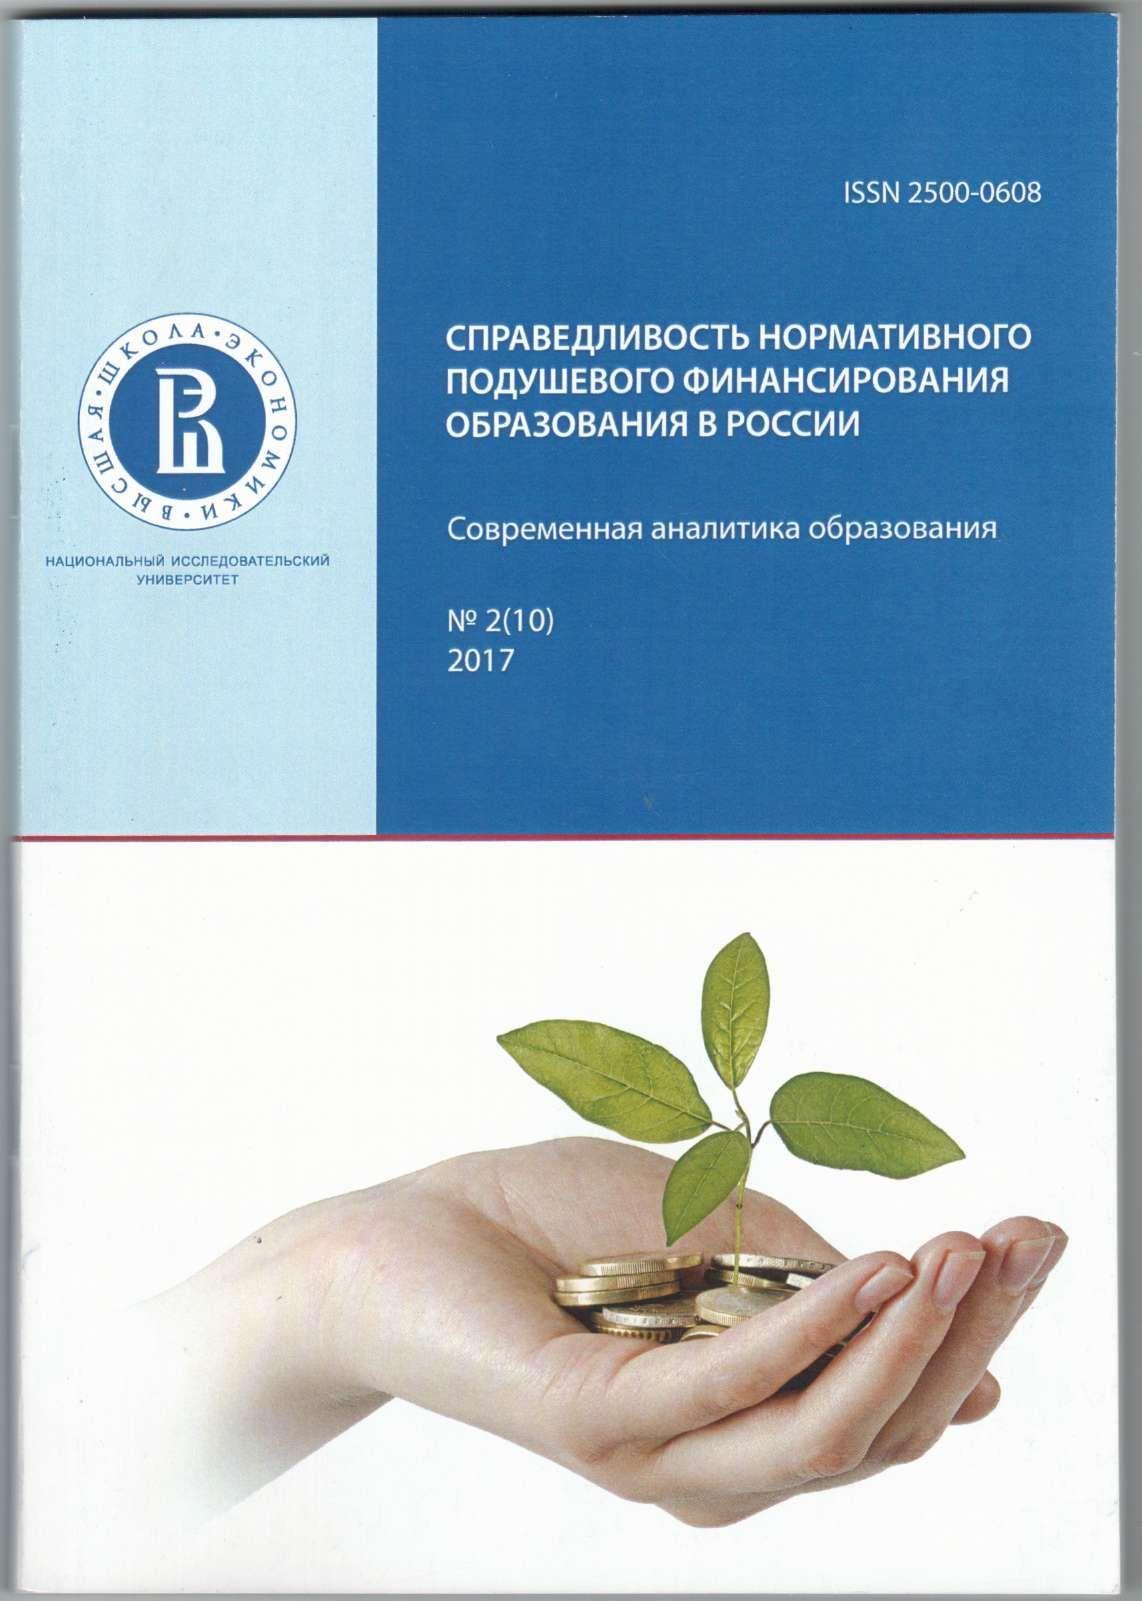 Справедливость нормативного подушевого финансирования образования в России